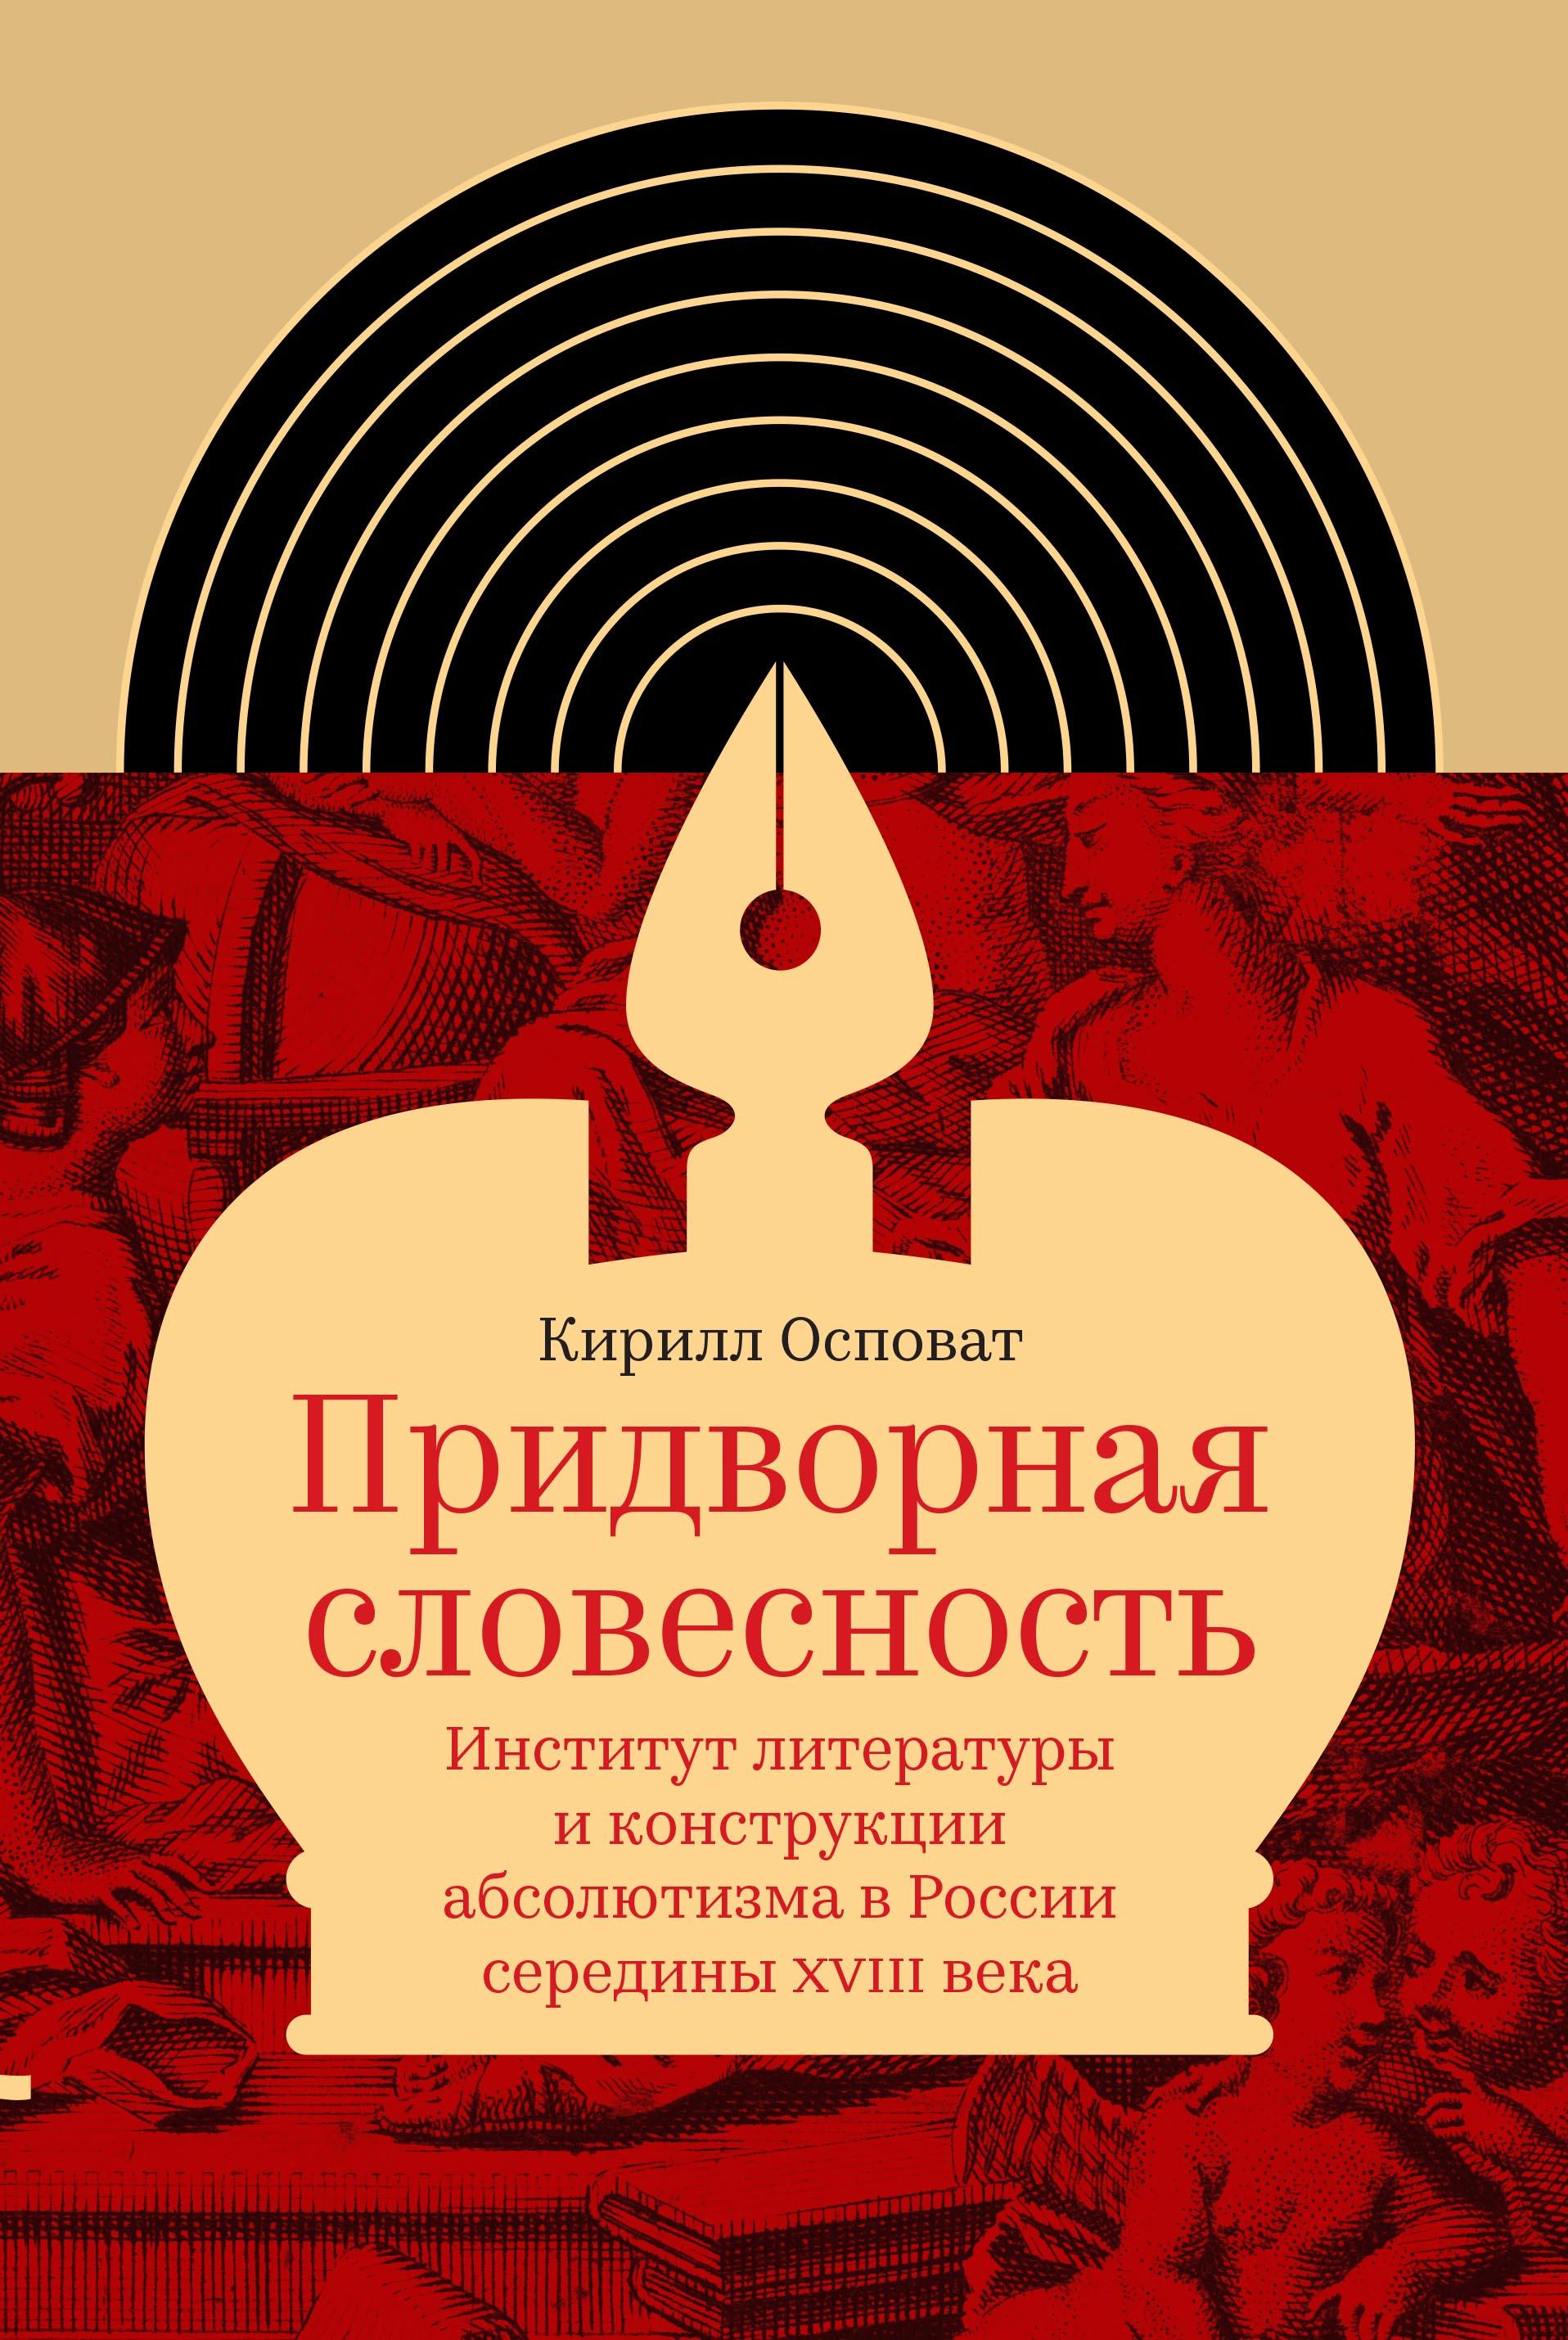 Придворная словесность: институт литературы и конструкции абсолютизма в России середины XVIII века